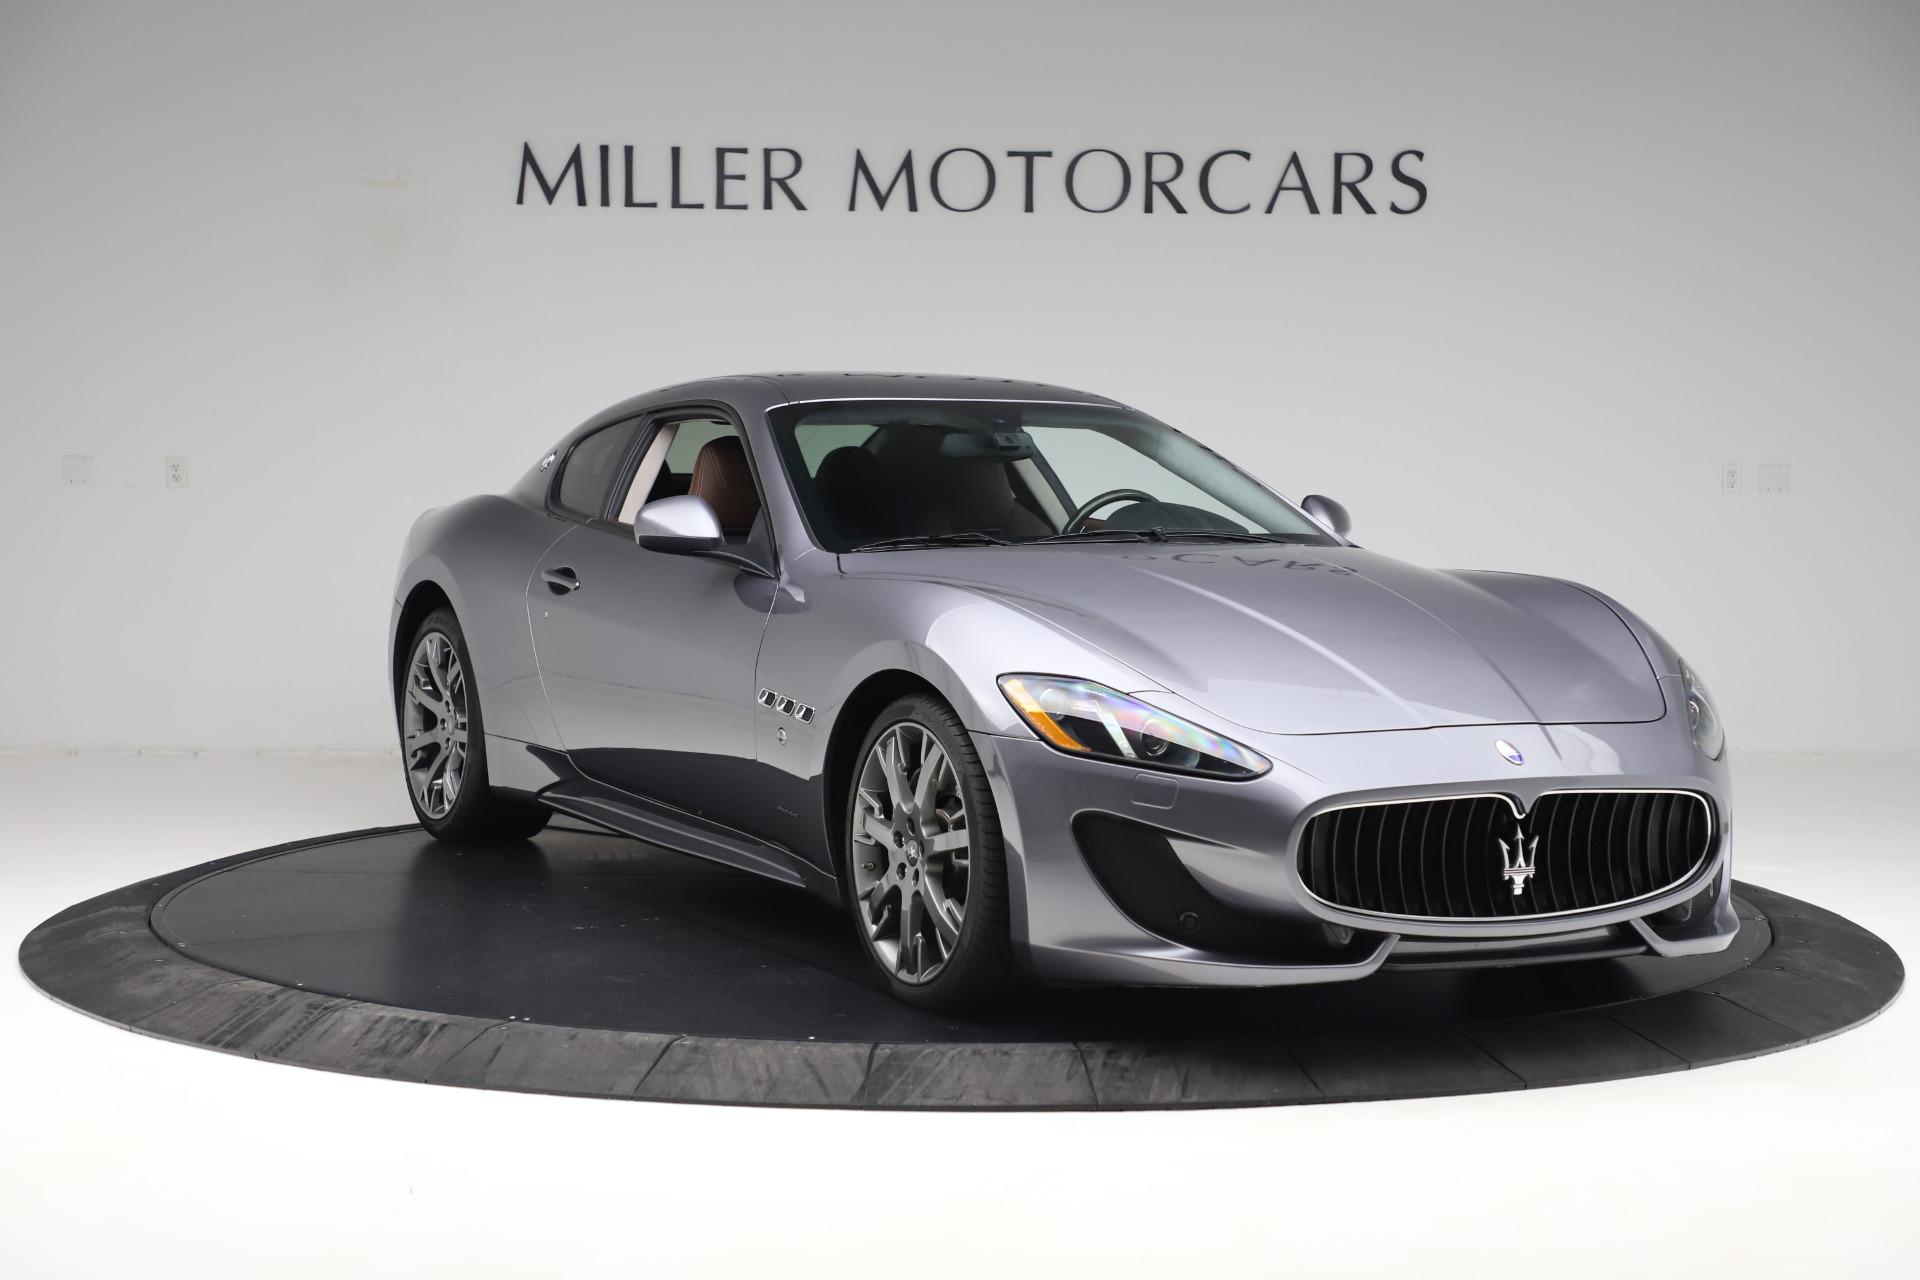 New 2016 Maserati GranTurismo Sport- TEST DRIVE SPECIAL For Sale In Greenwich, CT 166_p11